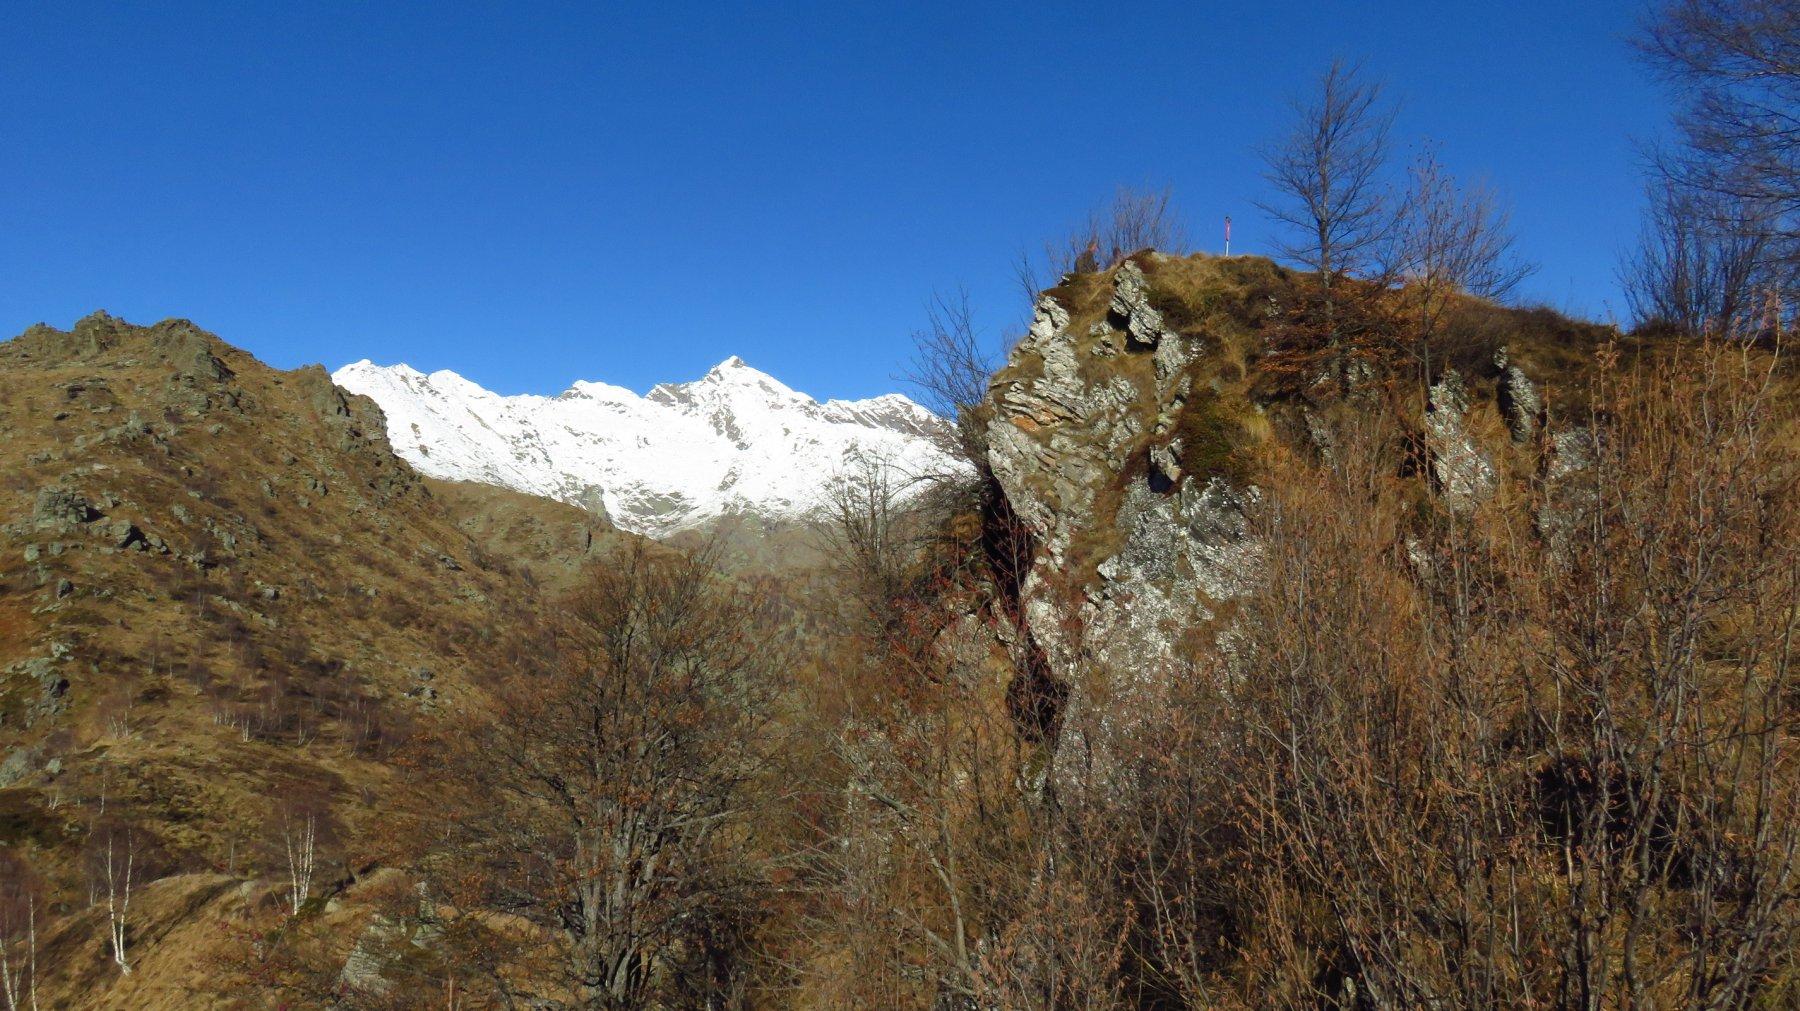 Da sinistra, Roc delle Teste, Monte Colombo e Punta dell'Alantur